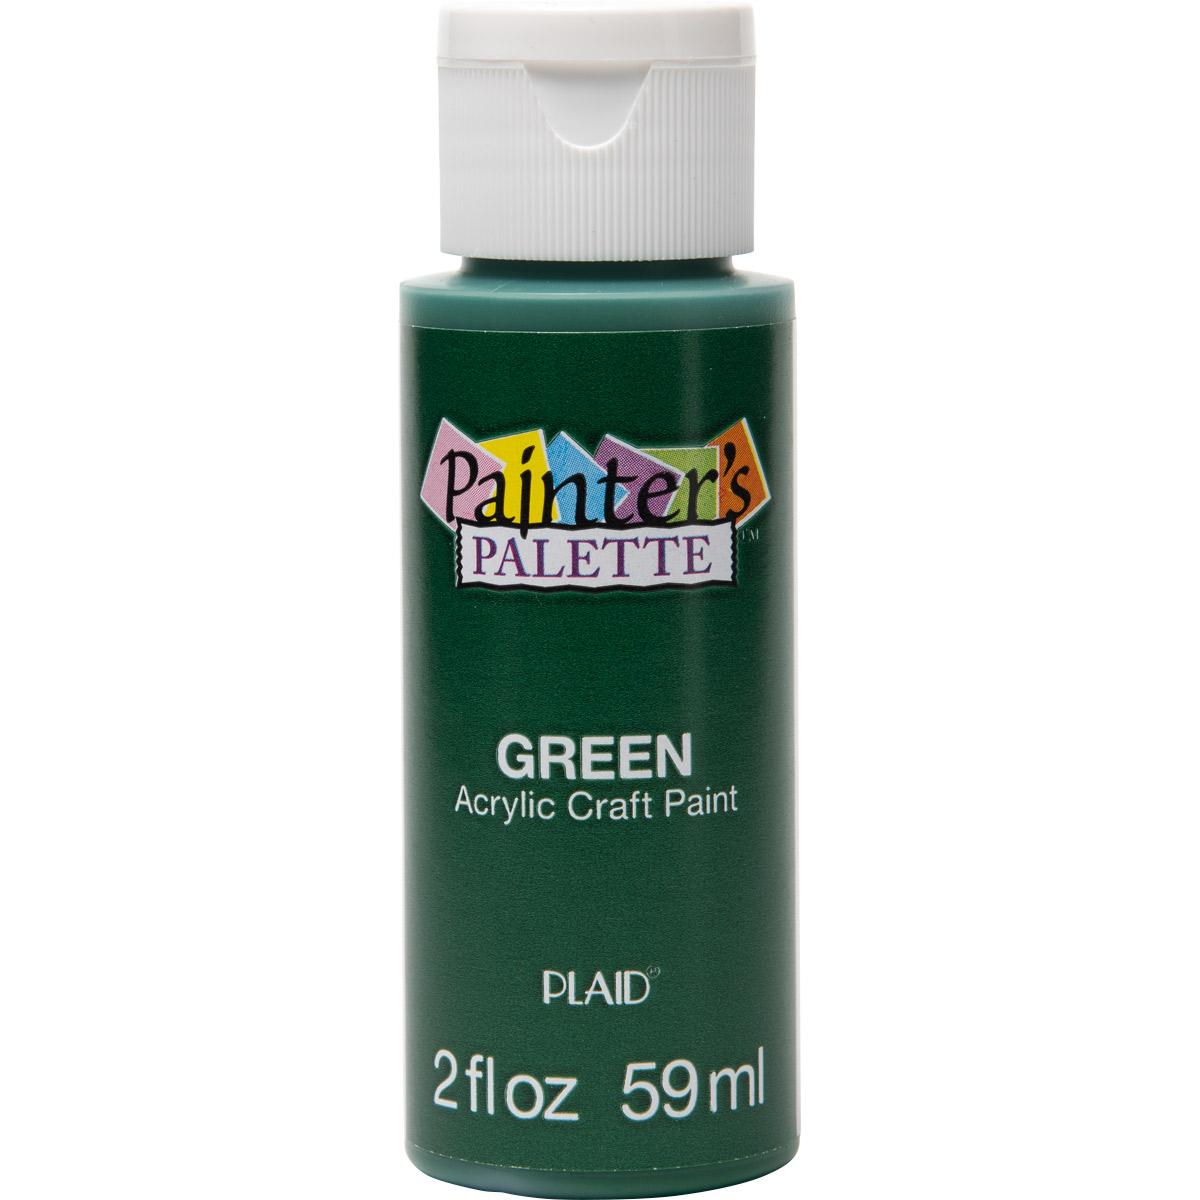 Plaid ® Painter's Palette™ Acrylic Paint - Green, 2 oz.